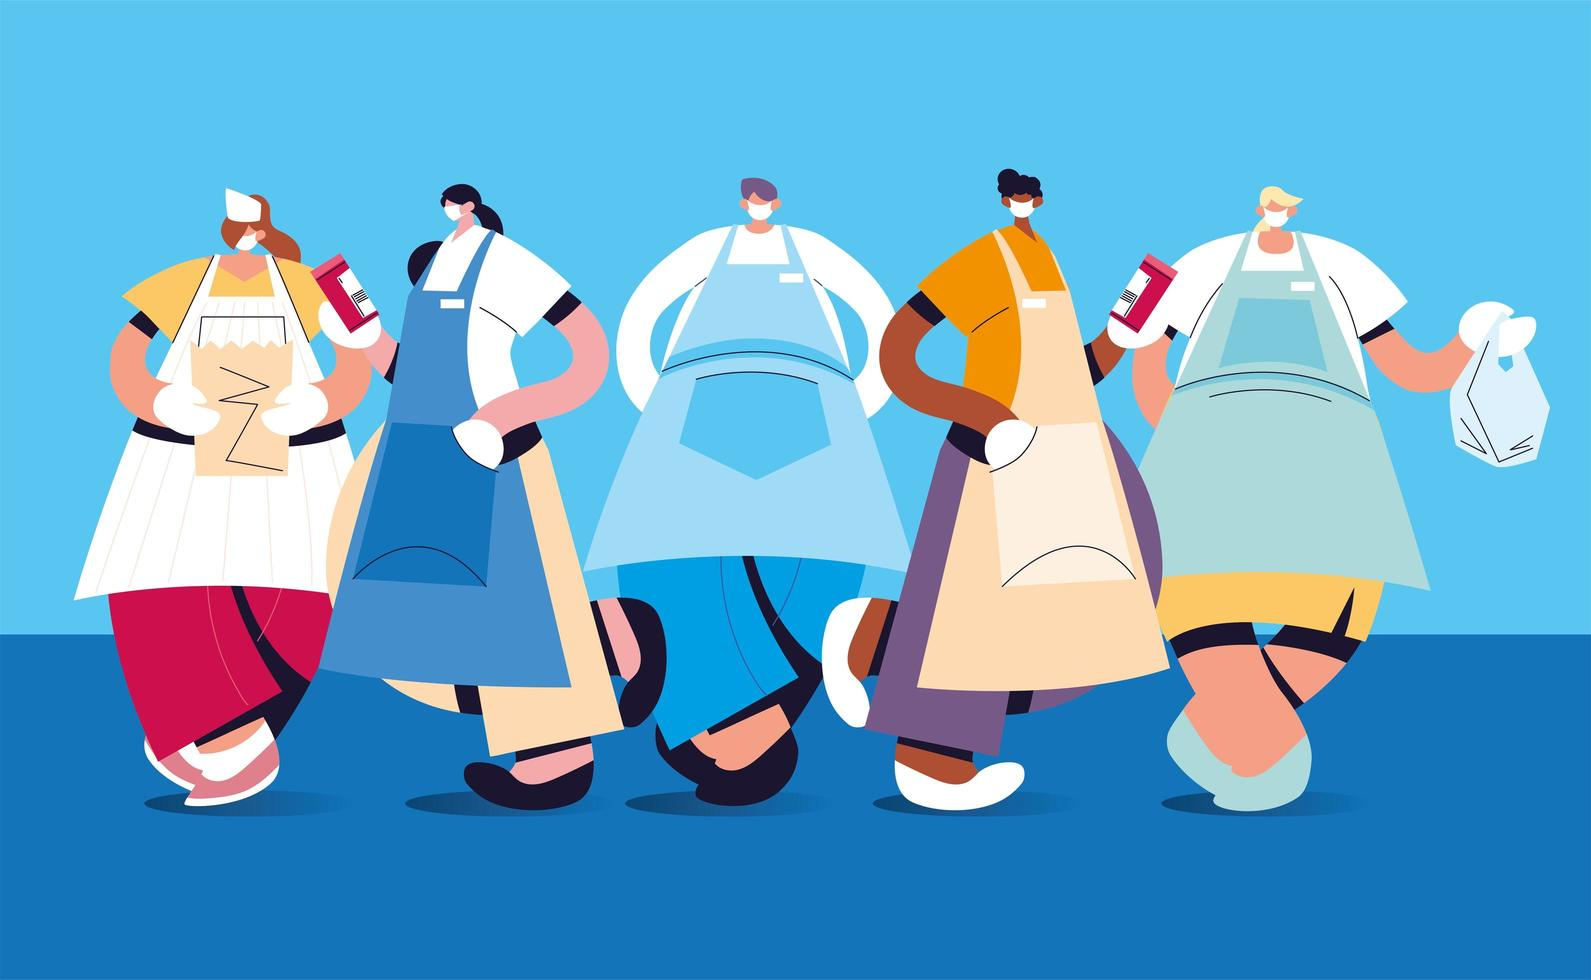 grupp servitörer med ansiktsmask och uniform vektor